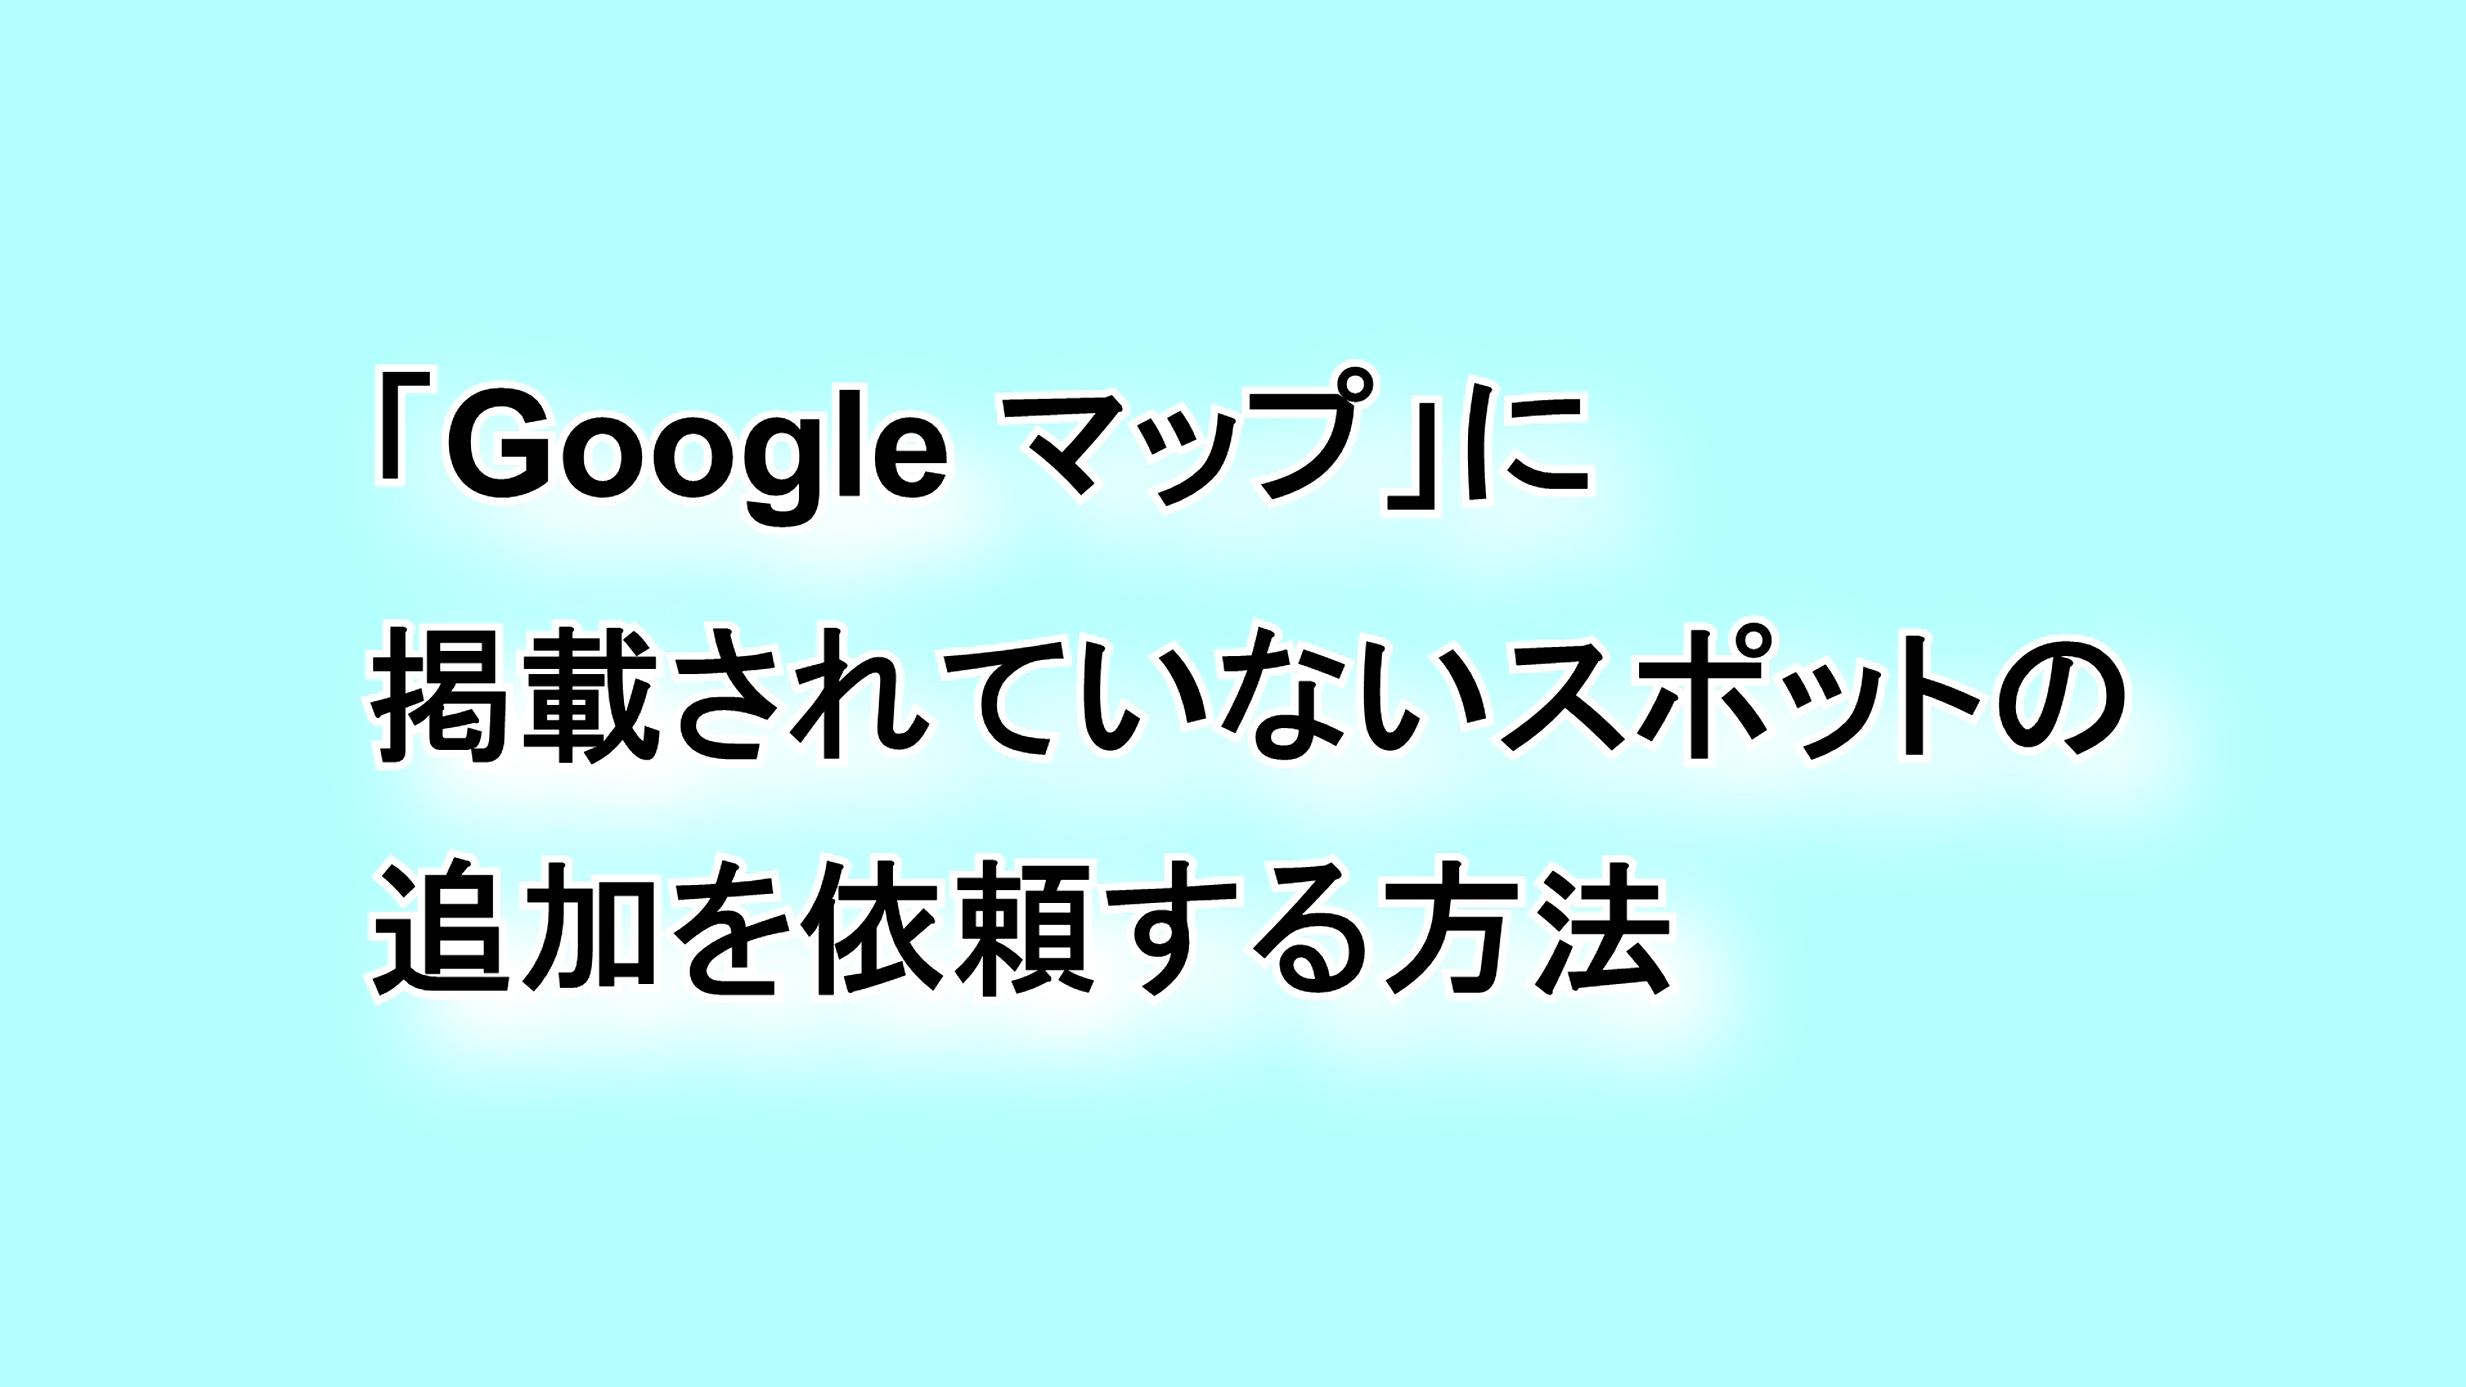 「Google マップ」に掲載されていないスポットの追加を依頼する方法